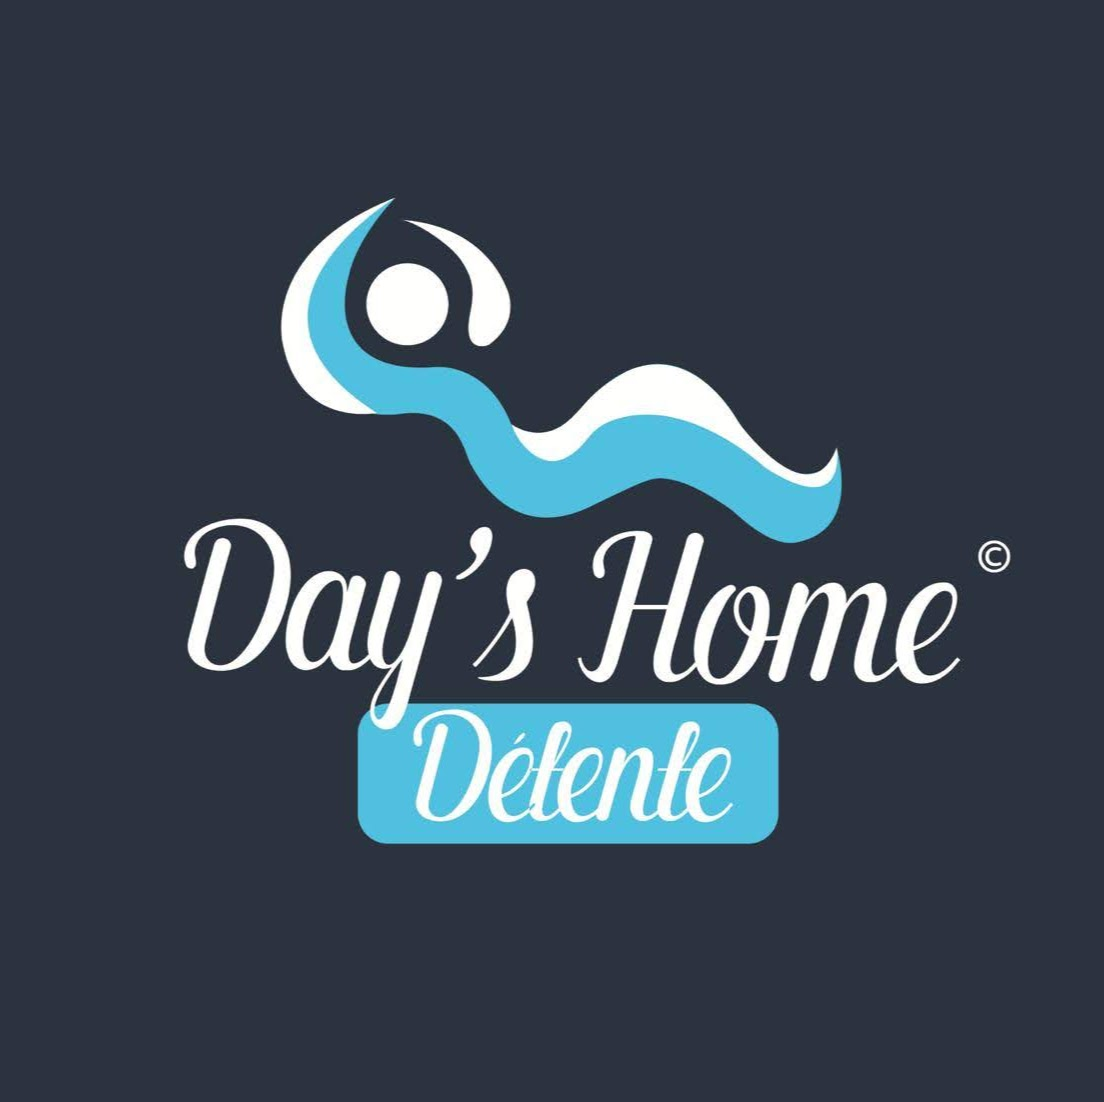 Day's Home Détente Salon de massage